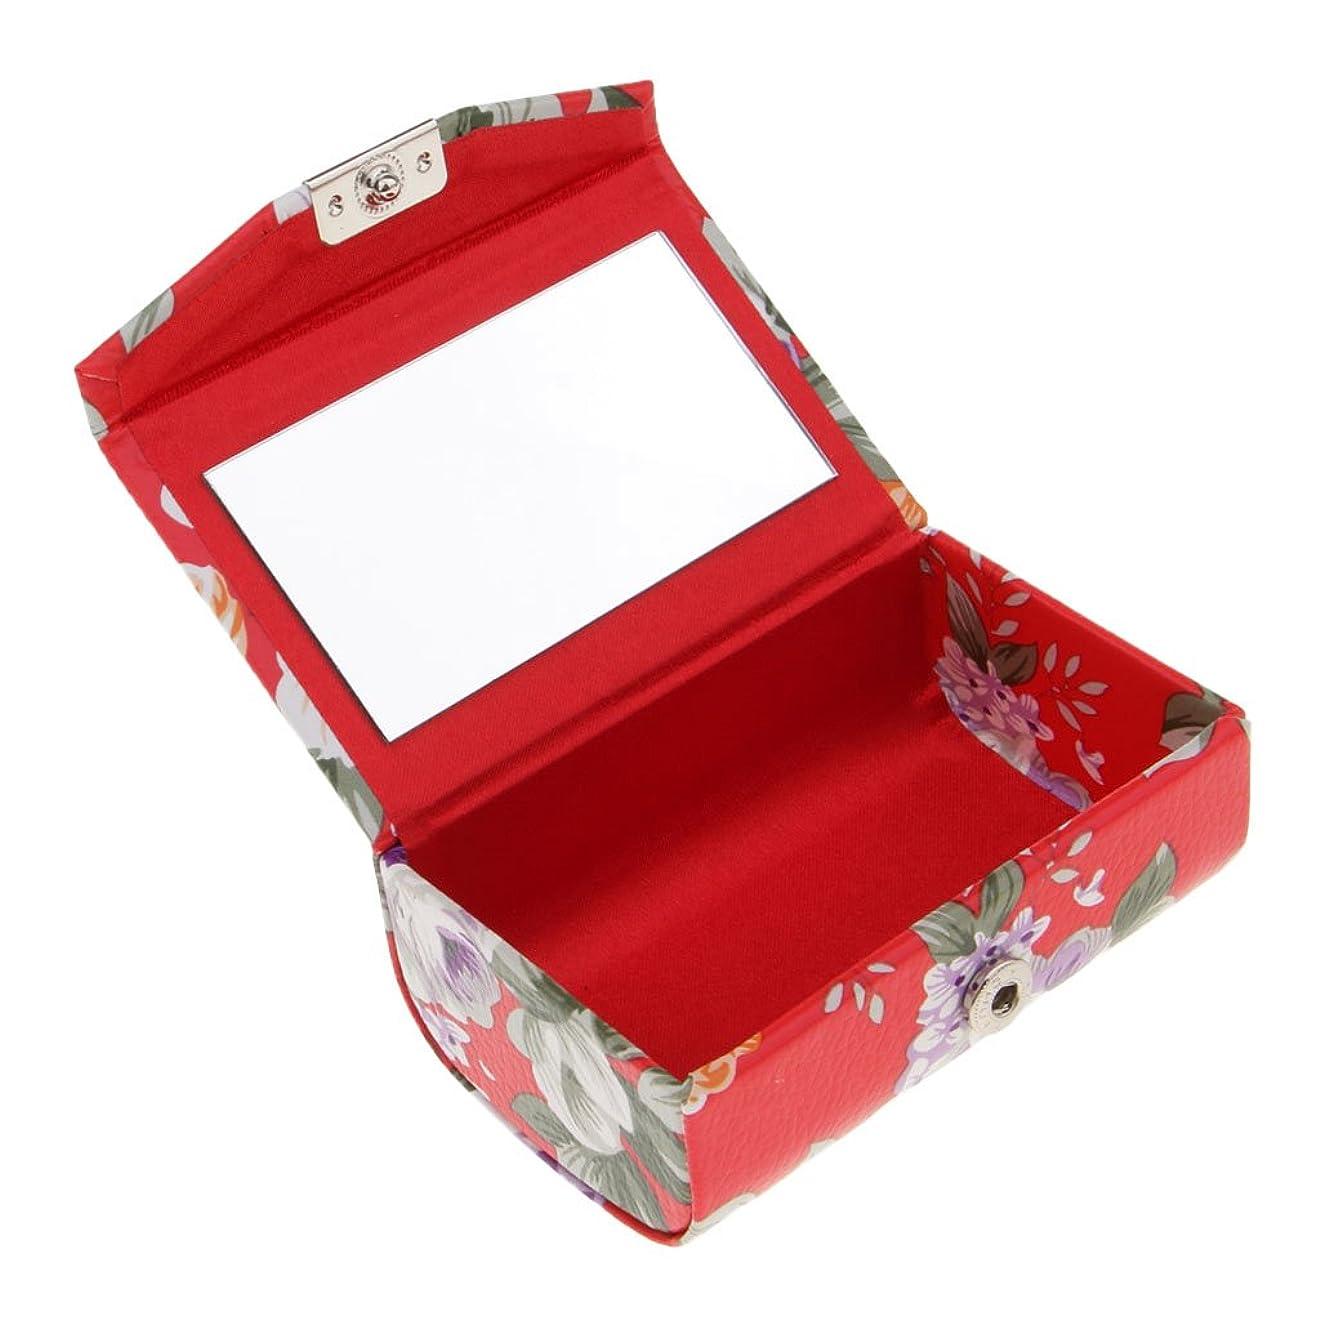 シャンパン狭い足首Fenteer 口紅ケース リップスティックケース ミラー付き 香水 オイル 携帯用 旅行用 2タイプ  - 赤